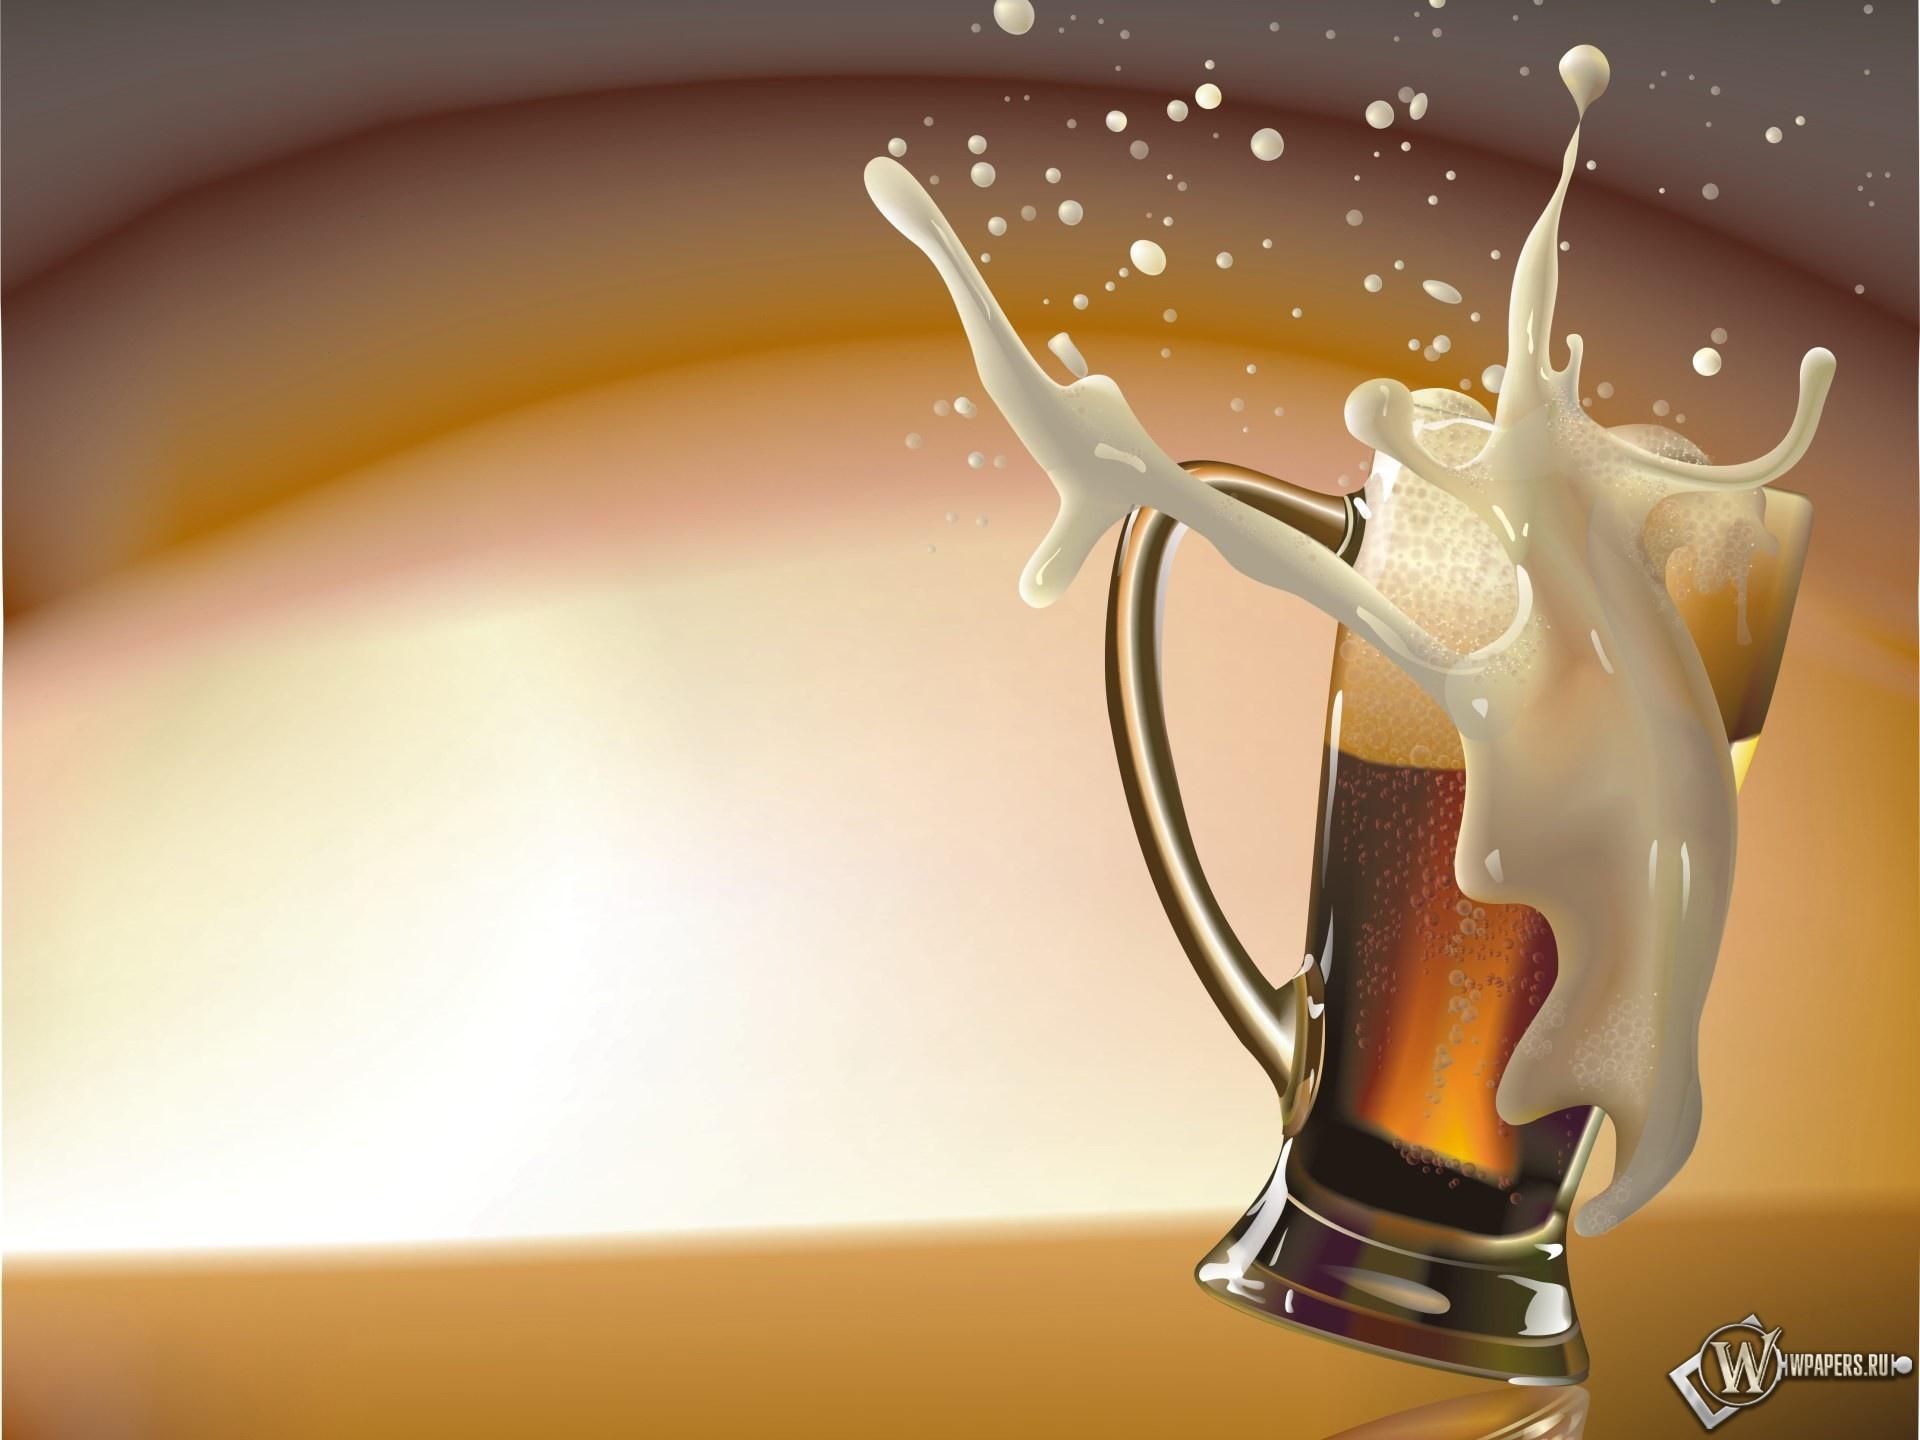 Пиво 1920x1440